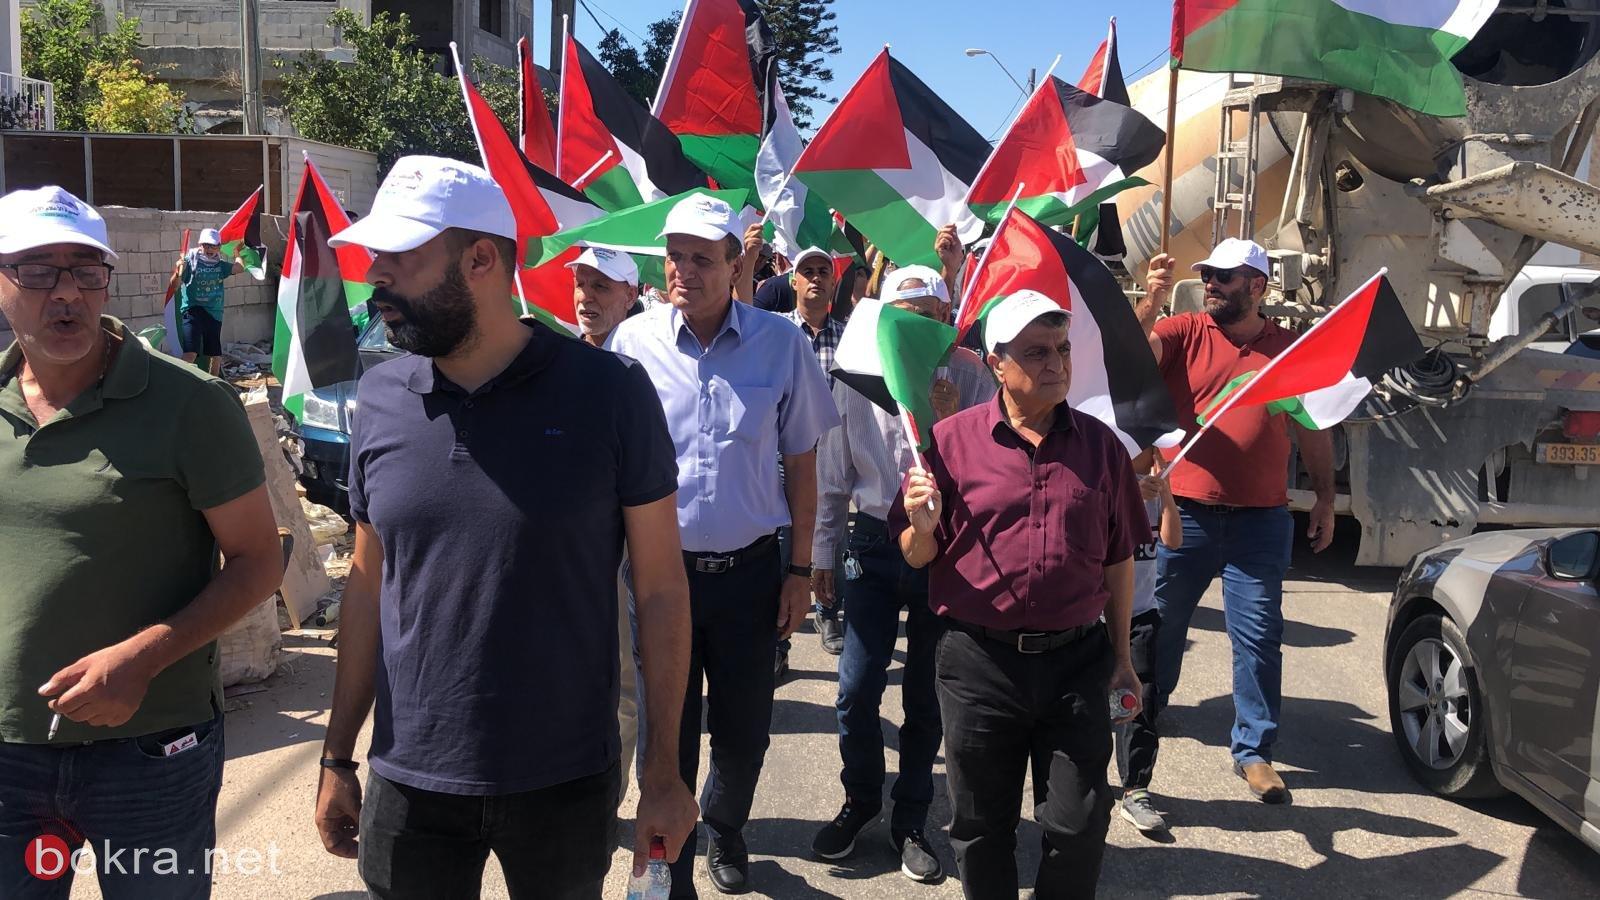 الأولى من نوعها.. مسيرة أعلام فلسطينية في الـ 48-2